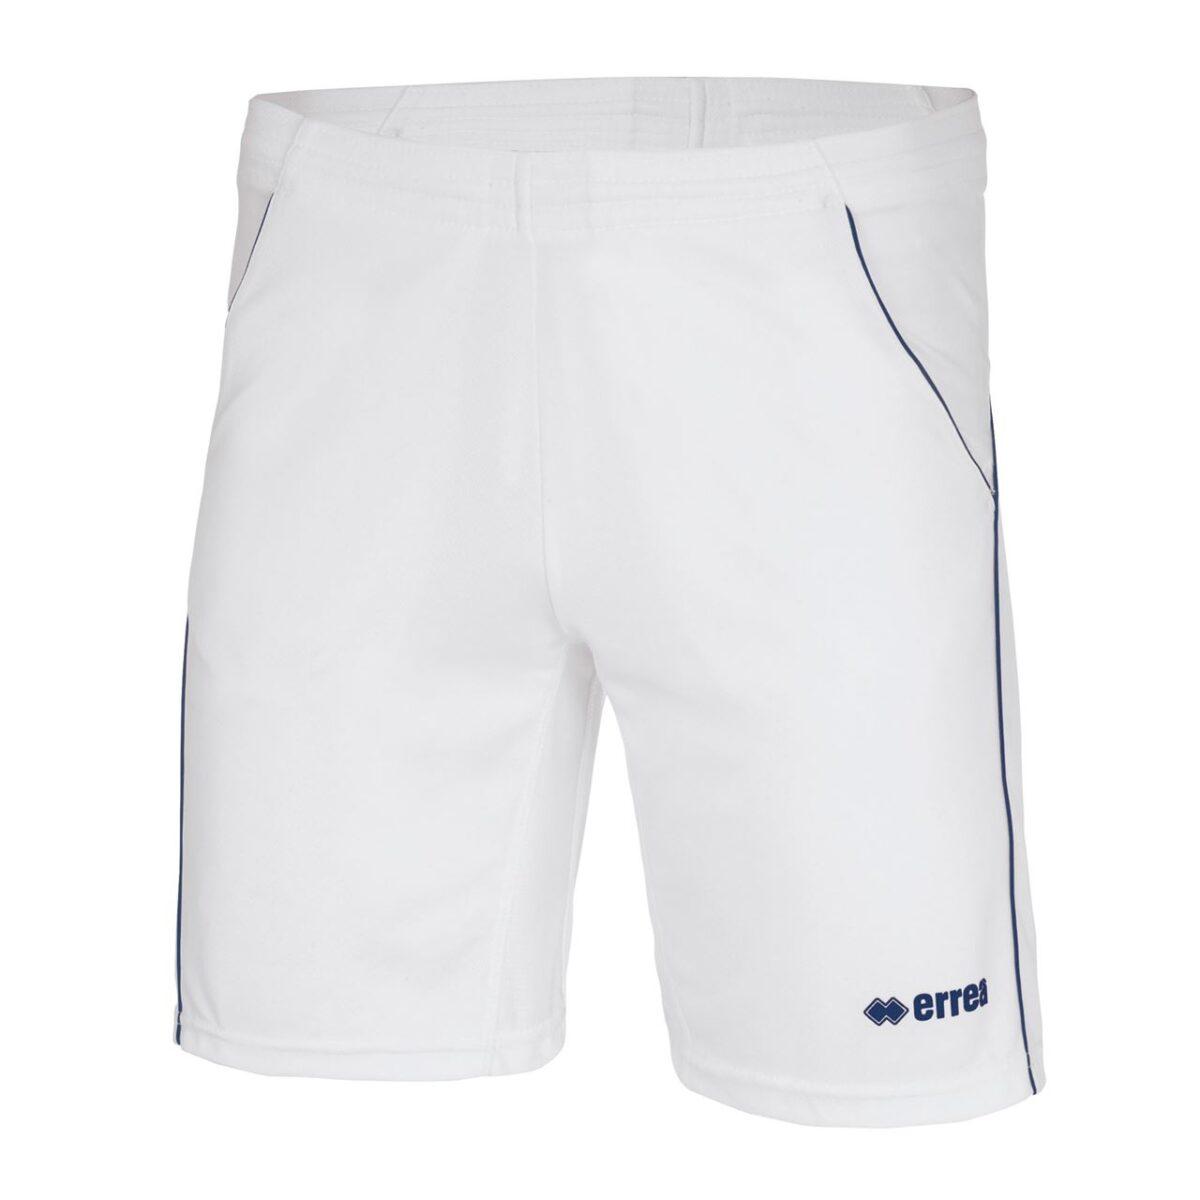 Errea IVAN 3.0 BERMUDA Shorts